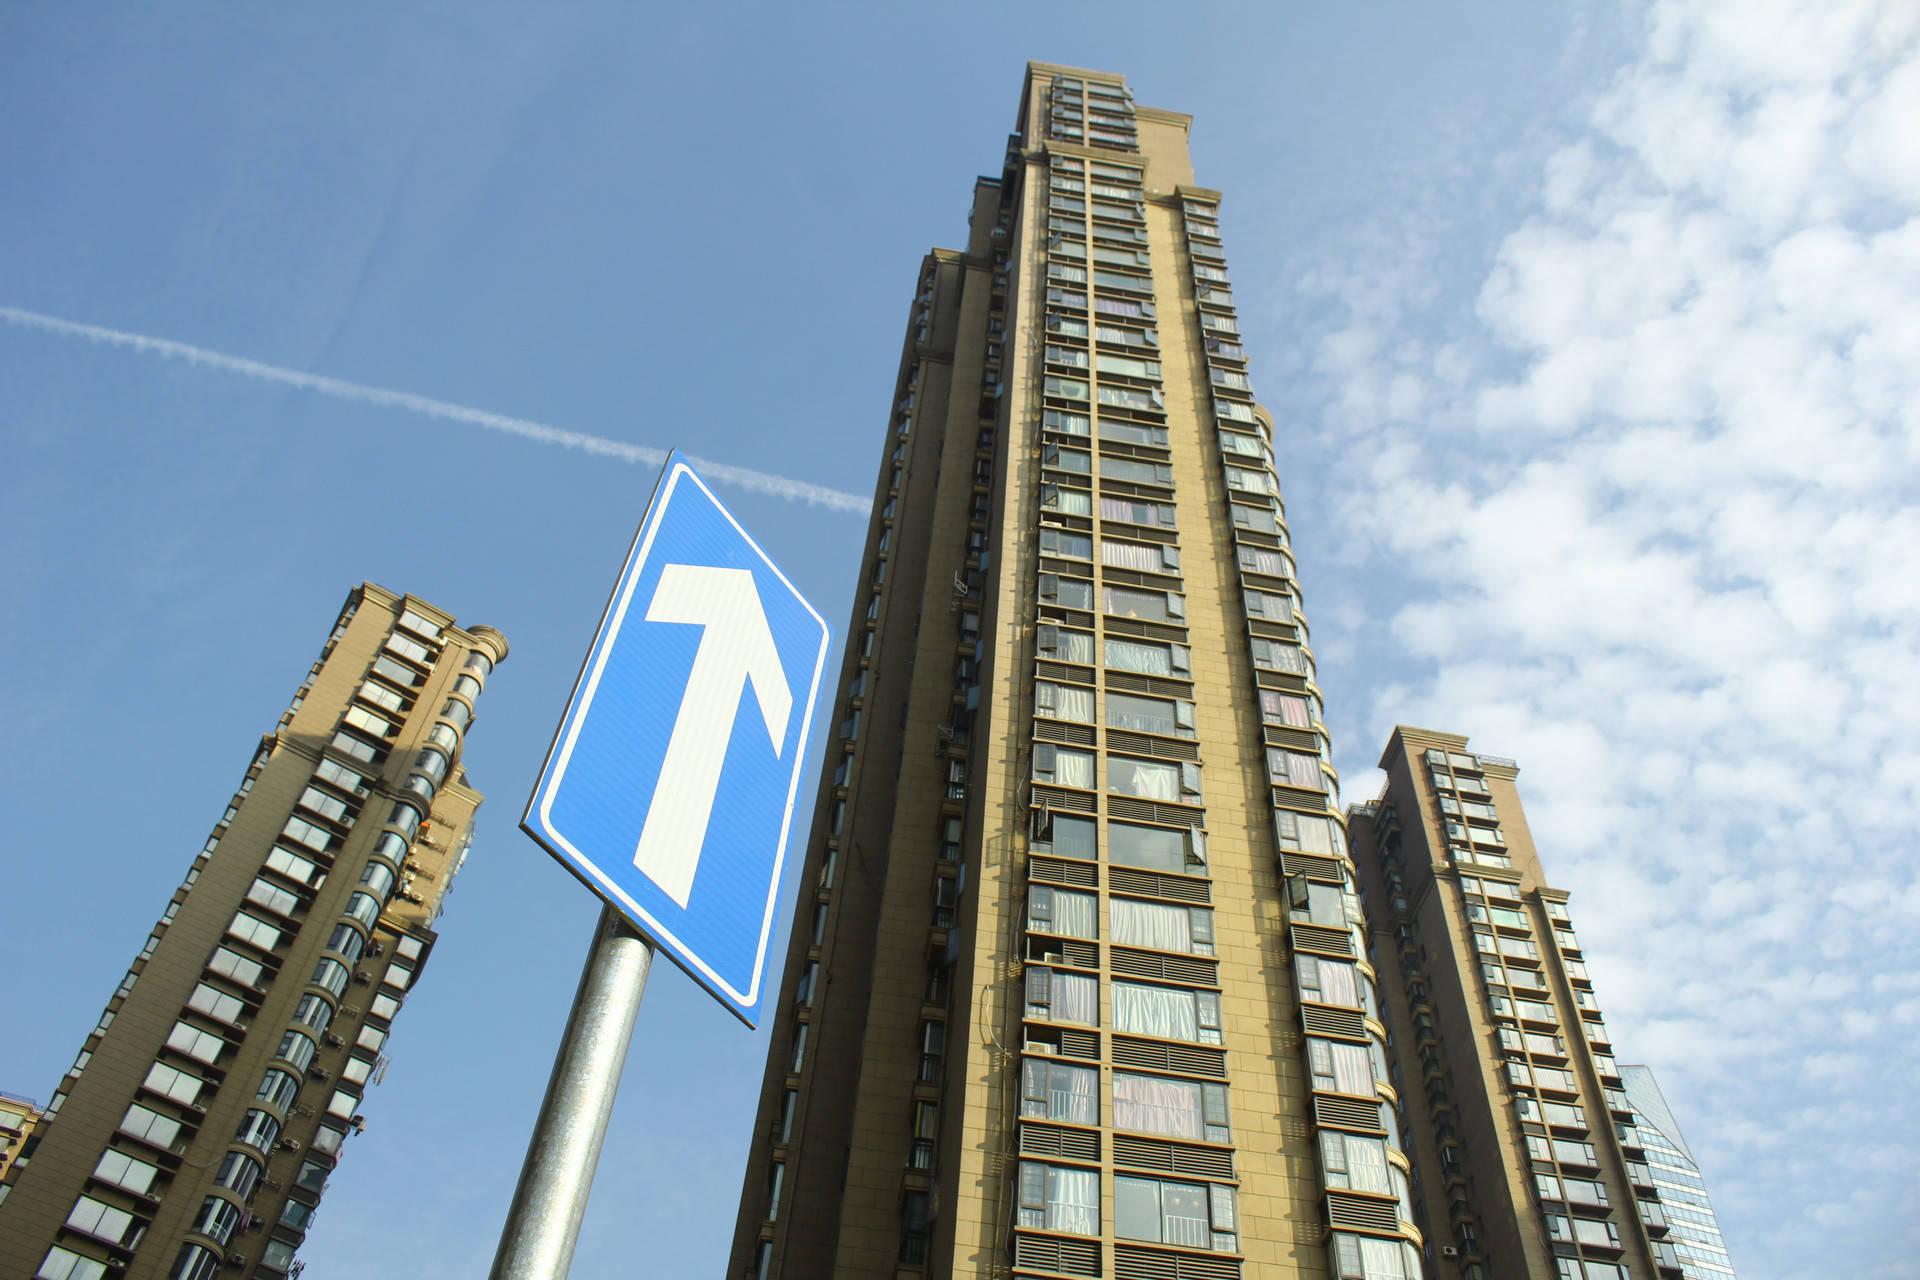 原最新房价发布,一线城市全部上涨。那么房地产市场的趋势可能是固定的